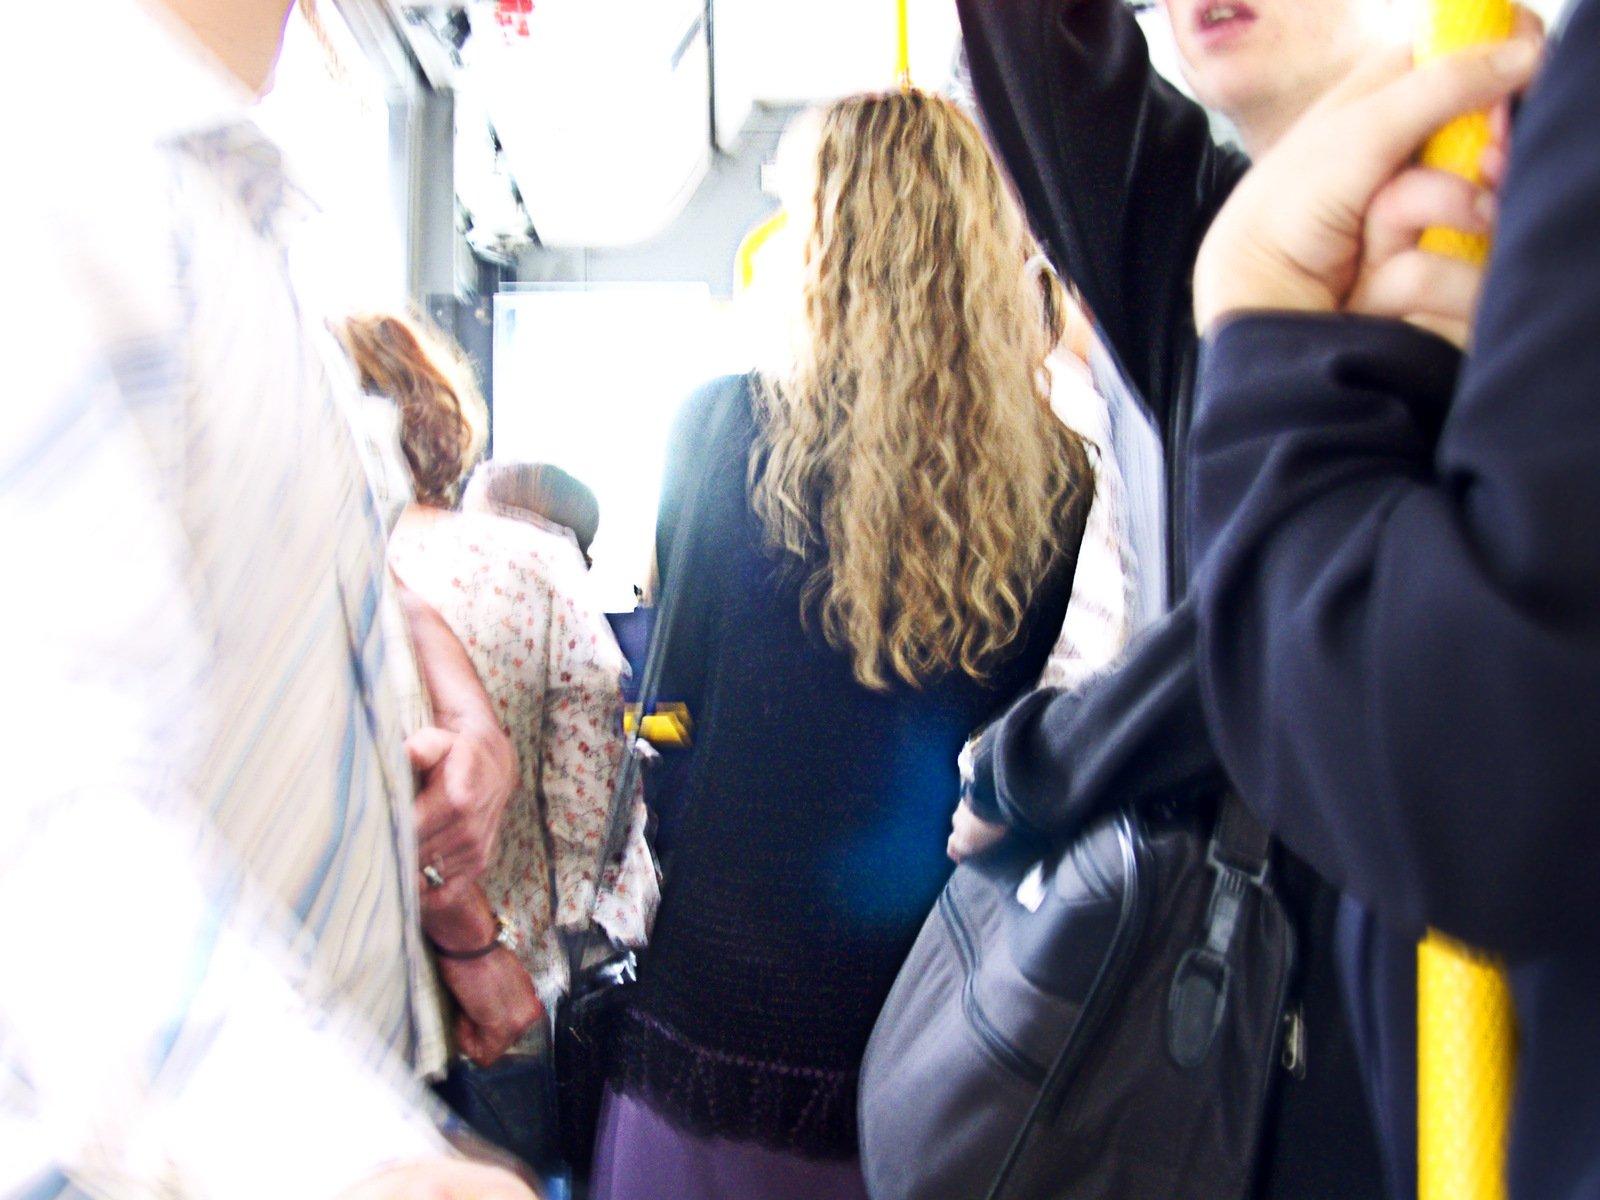 Рассказы в автобусе секс, Случайный секс в автобусе Похожие Истории 16 фотография